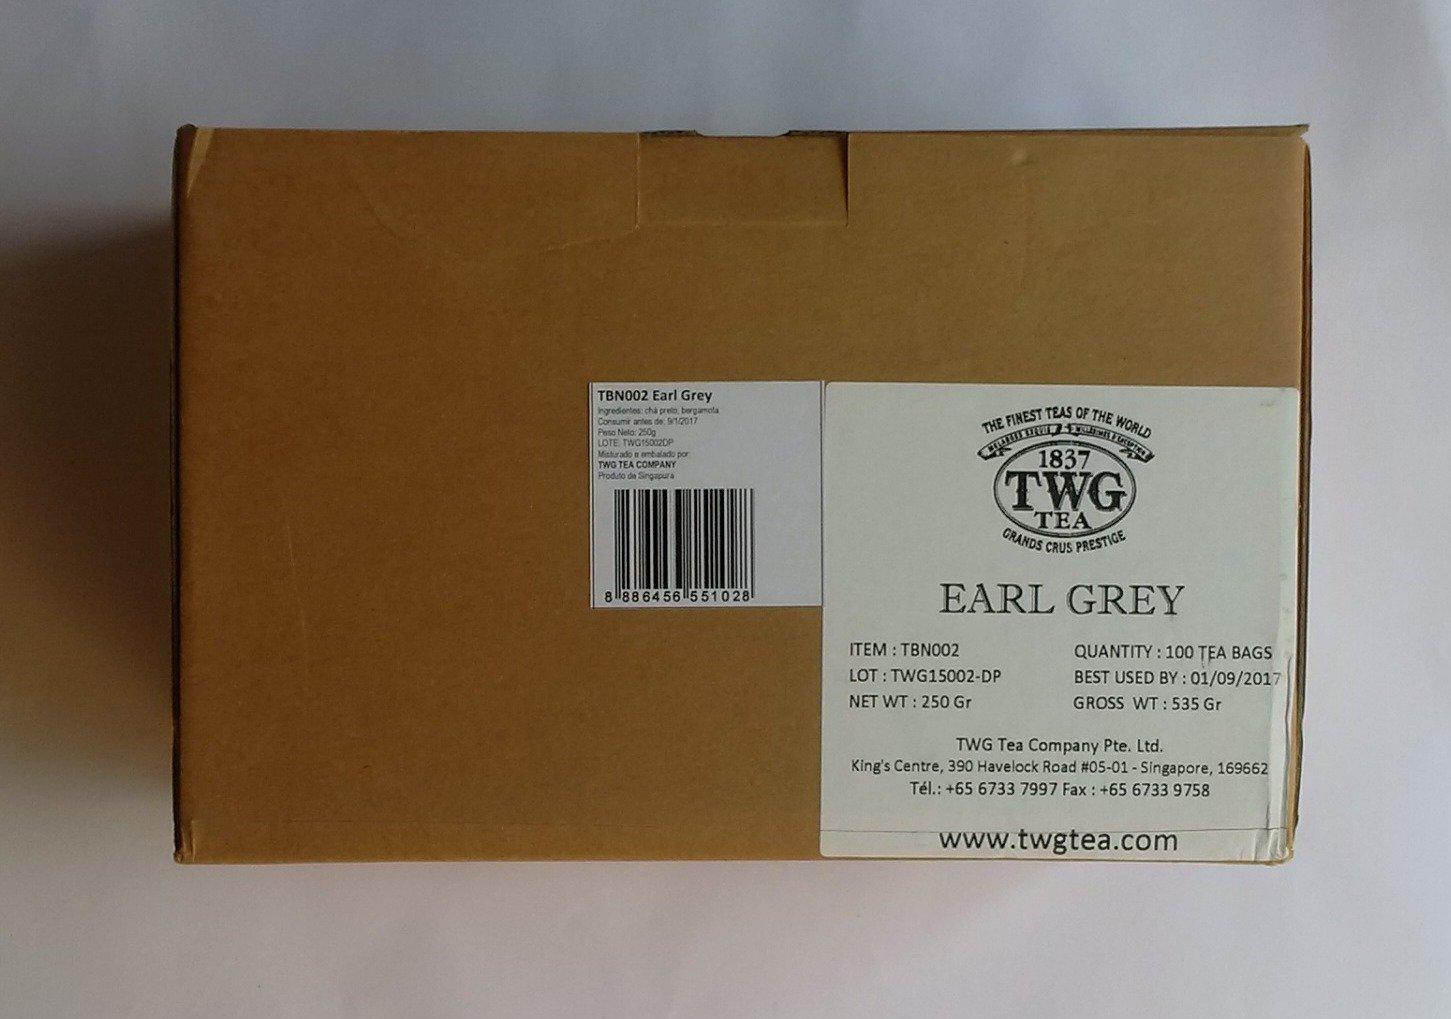 TWG Singapore - Luxury Teas - EARL GREY - BULK PACK - 100 silk teabags